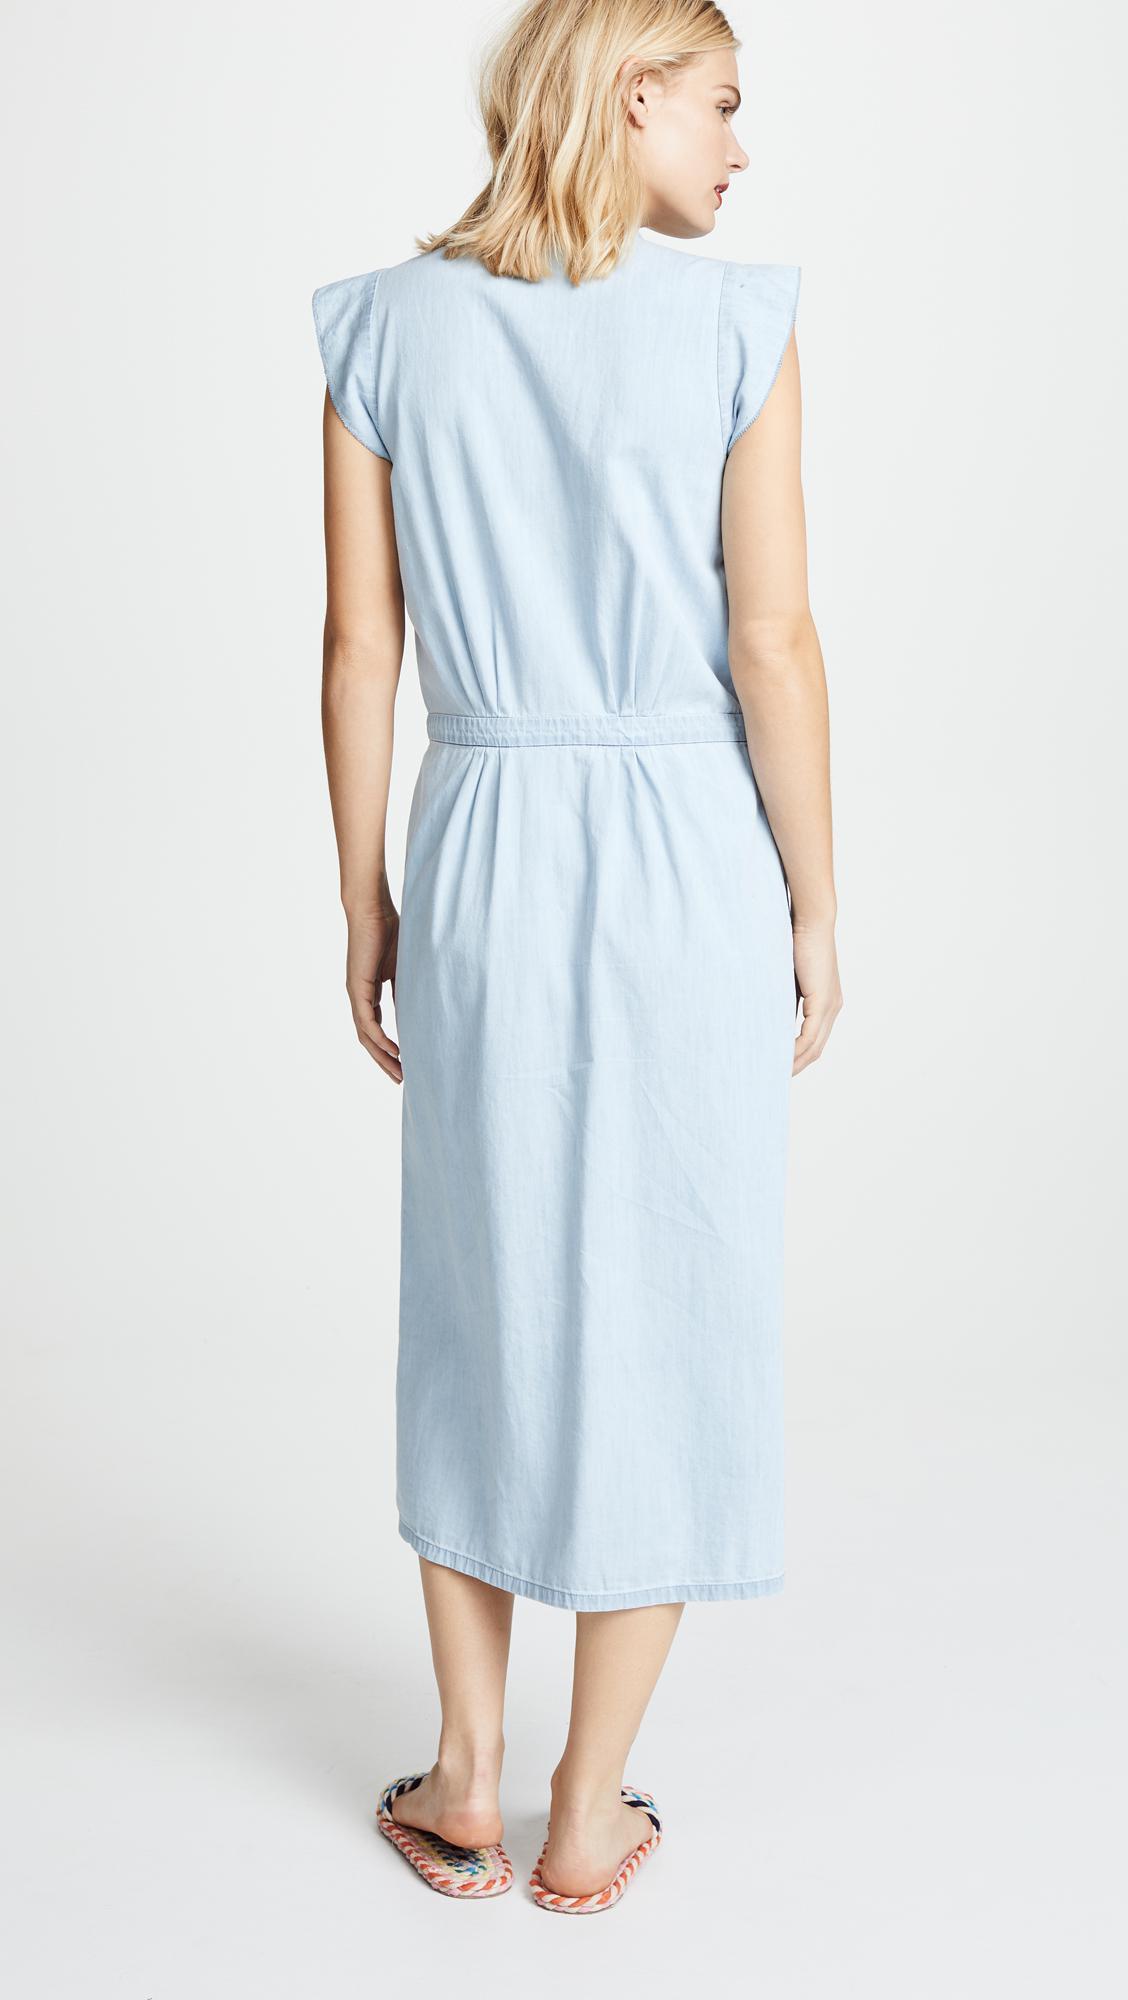 165171eee4 Lyst - Joie Awel Dress in Blue